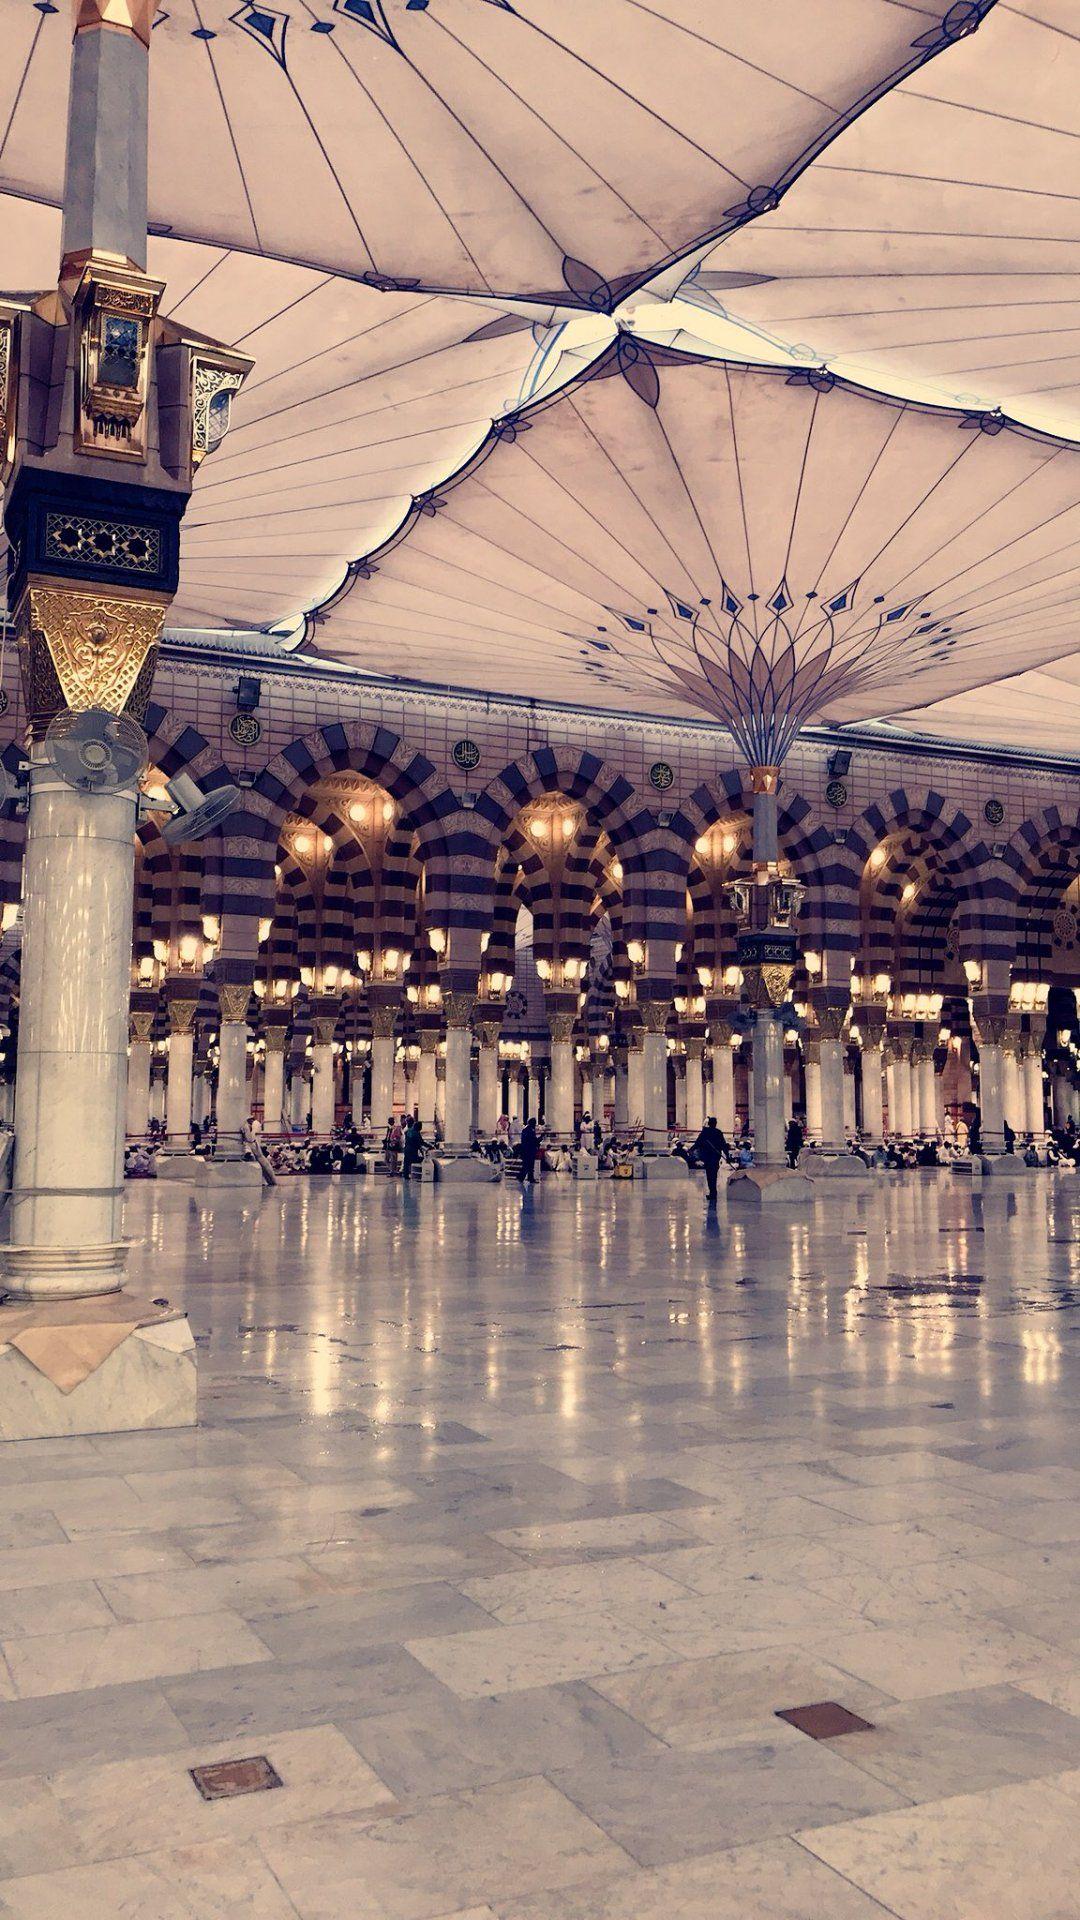 ما أعظم أن يراك الله وأنت تجاهد نفسك وقد غلبها النوم لتجيب المنادي ل صلاة الفجر مستيقظا محتسبا الصلاة خير من ال Mecca Islam Islamic Pictures Mecca Wallpaper